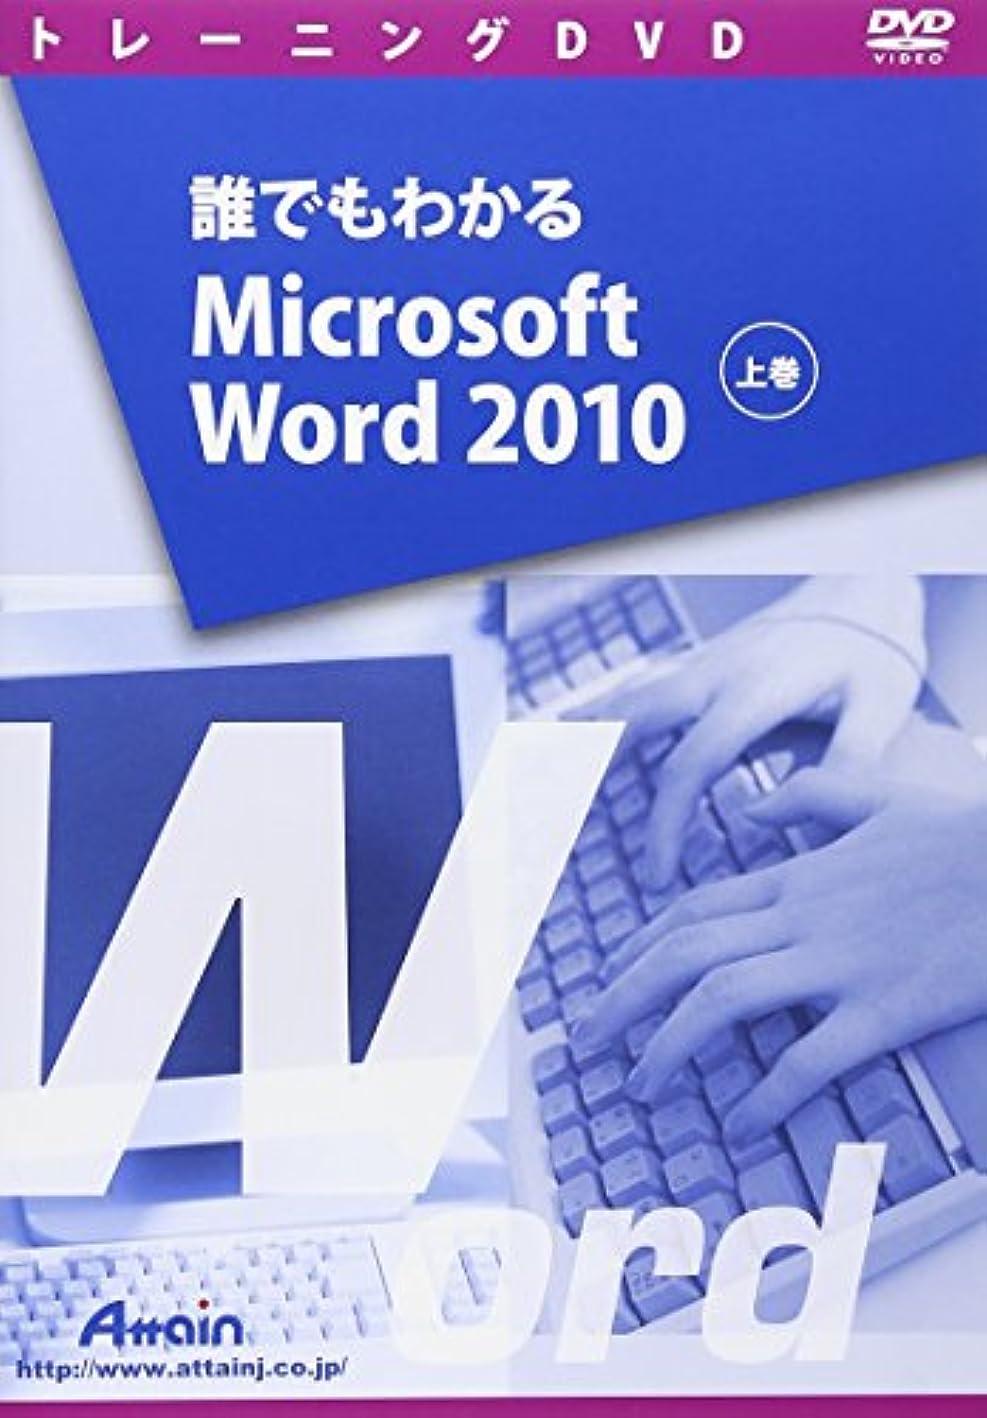 ブランク推進、動かすハイブリッド誰でもわかるMicrosoft Word 2010 上巻